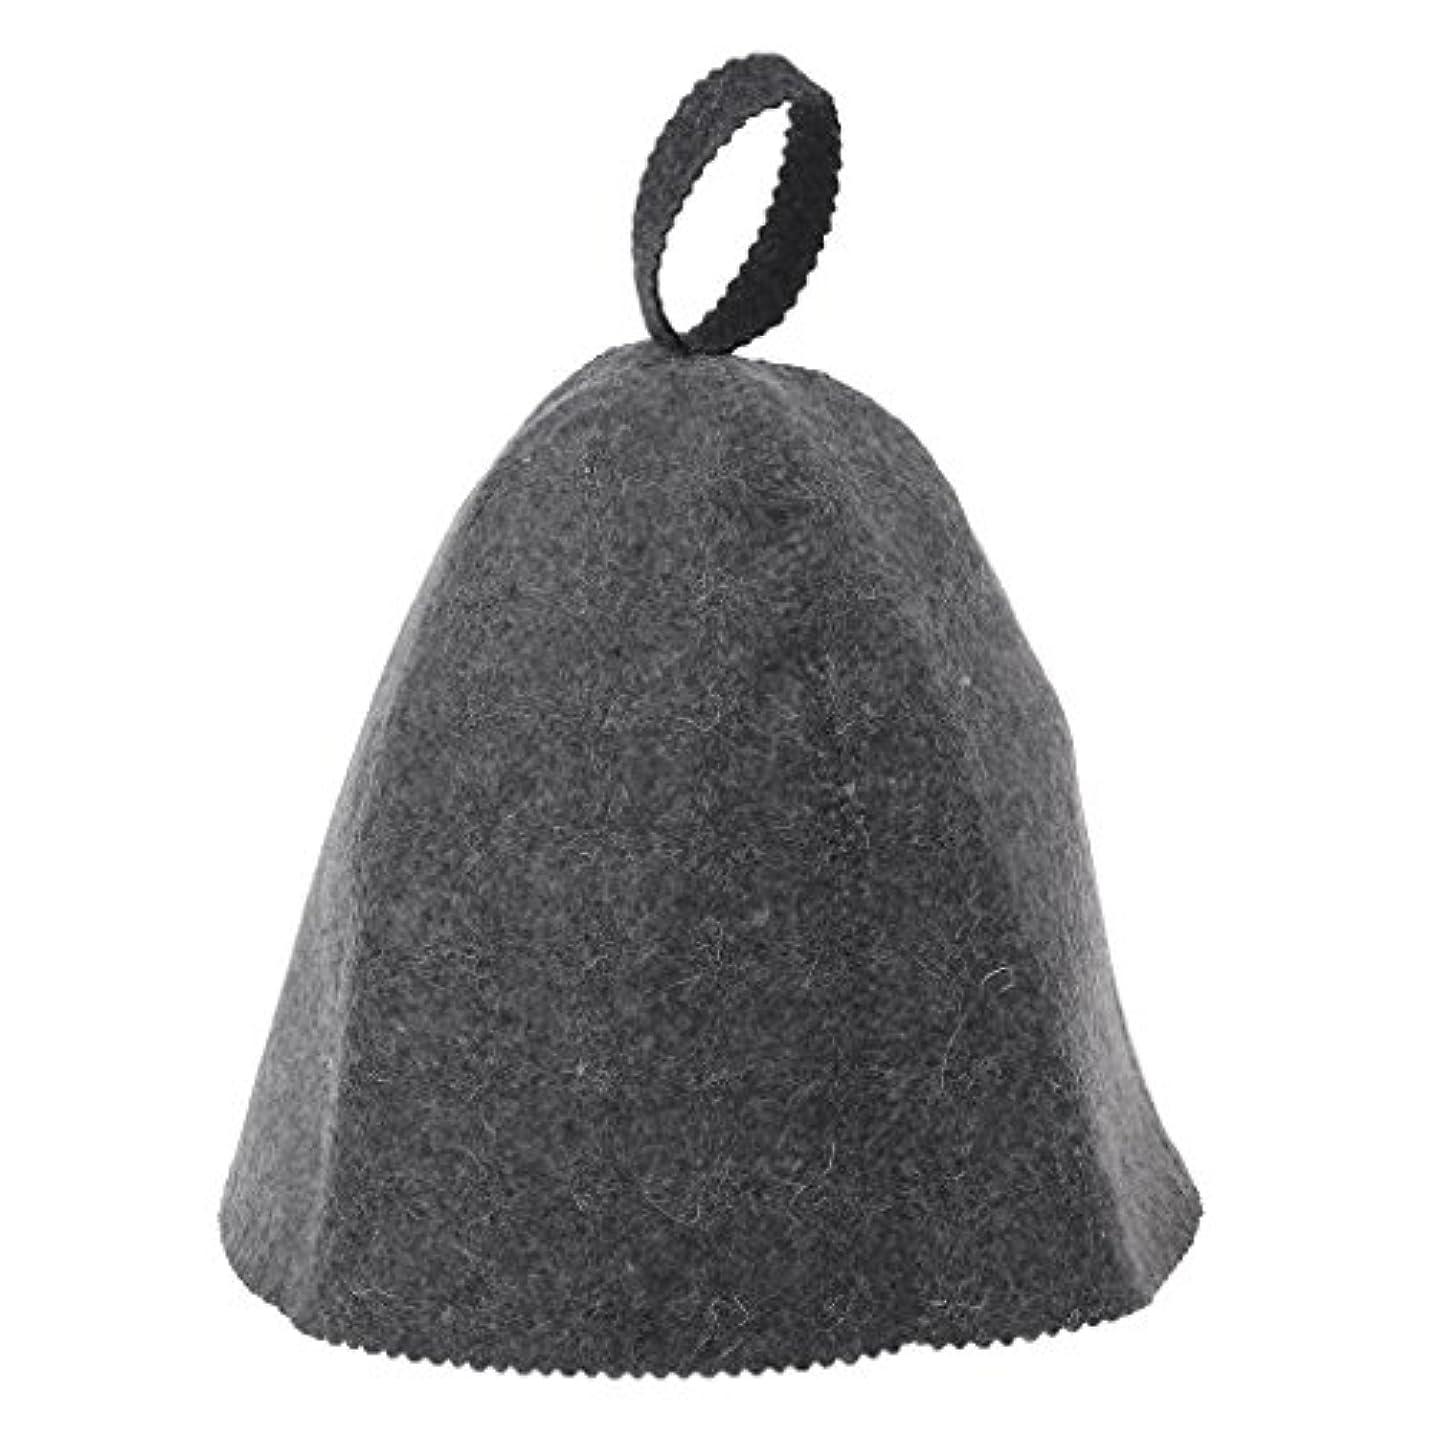 逸脱報いるコンパスLANDUMのウールのフェルトのサウナの帽子、浴室の家の頭部の保護のための反熱ロシアのバニヤ帽子